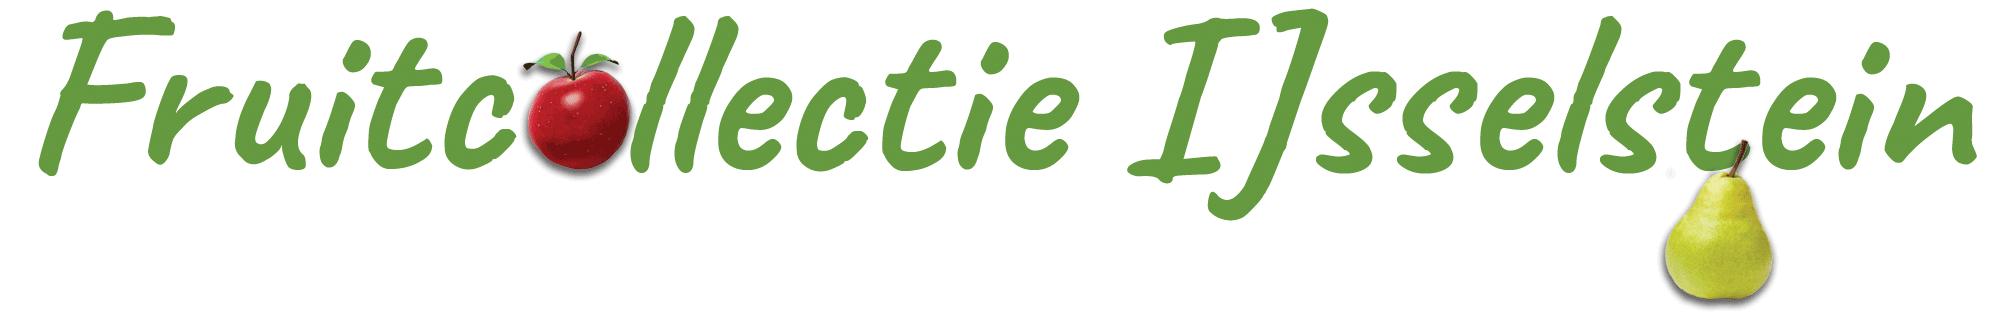 Fruitcollectie IJsselstein